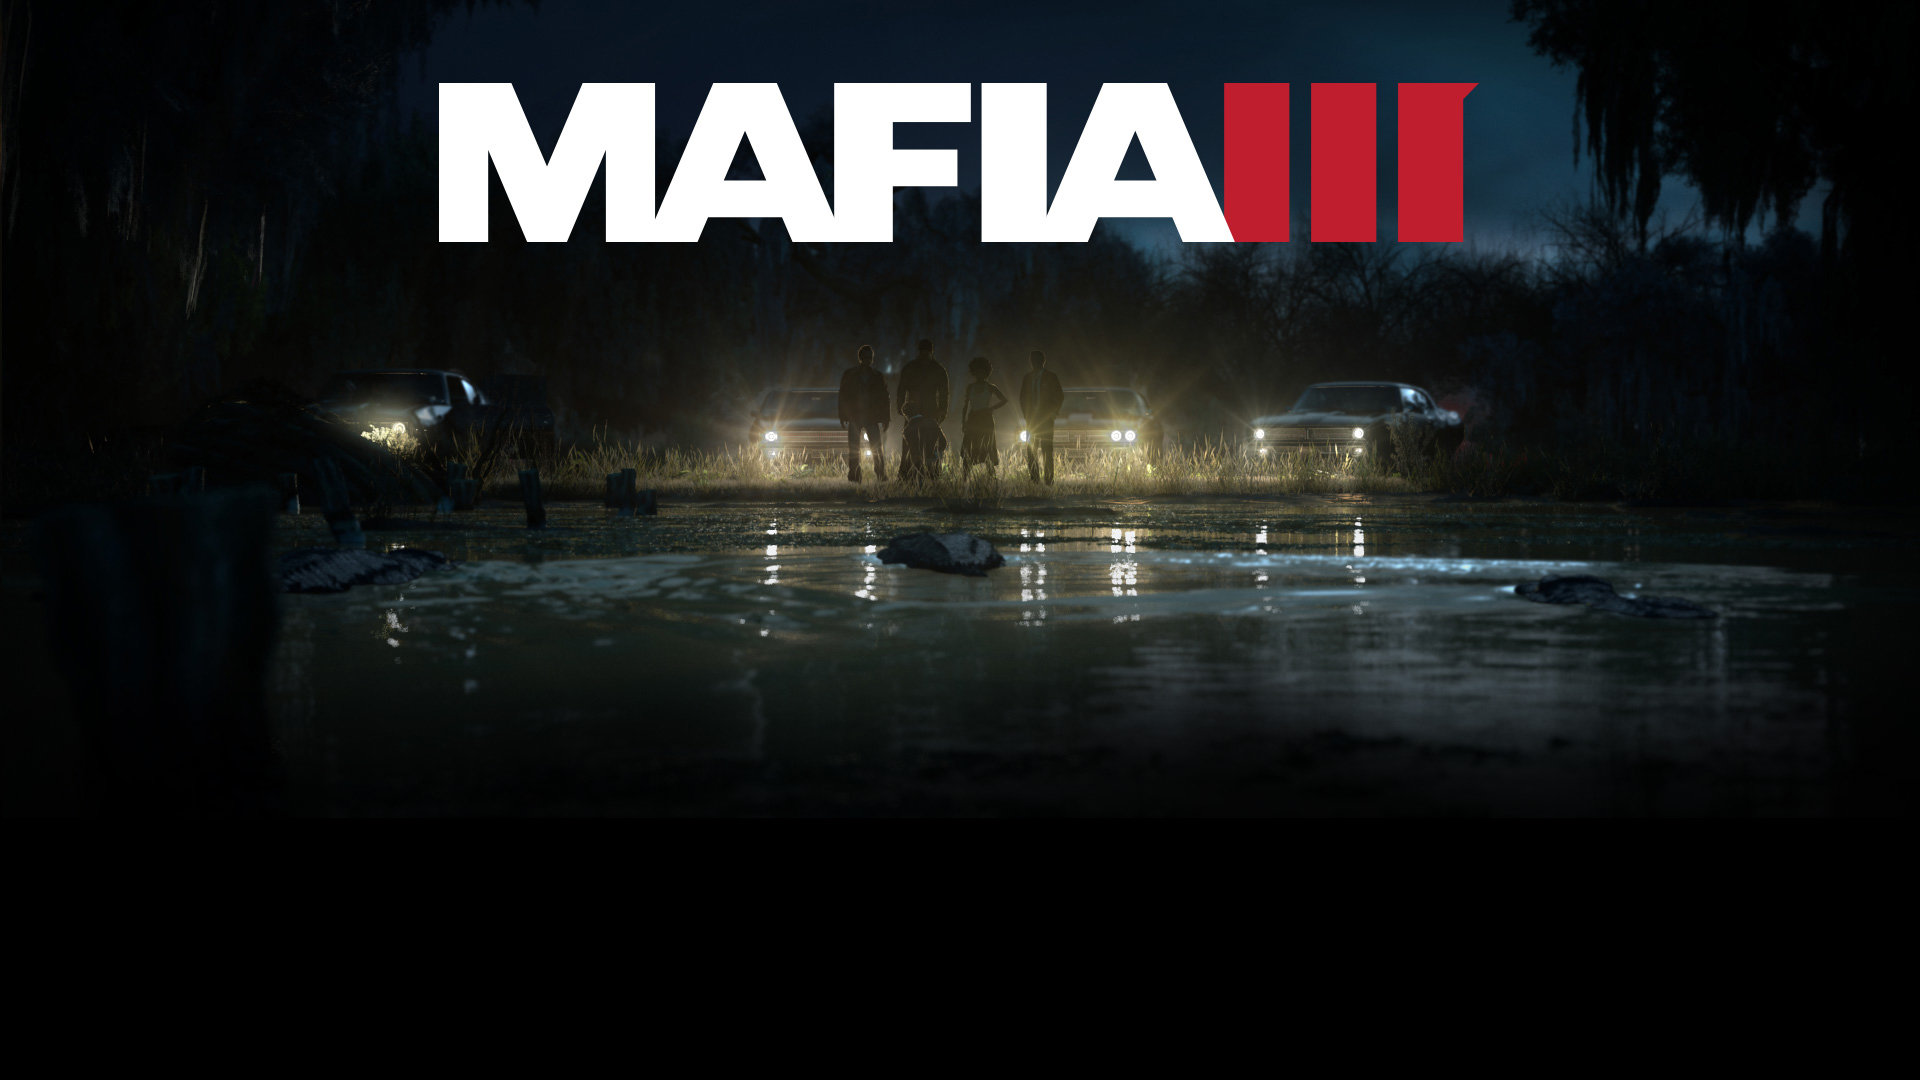 rsz_mafiaiii